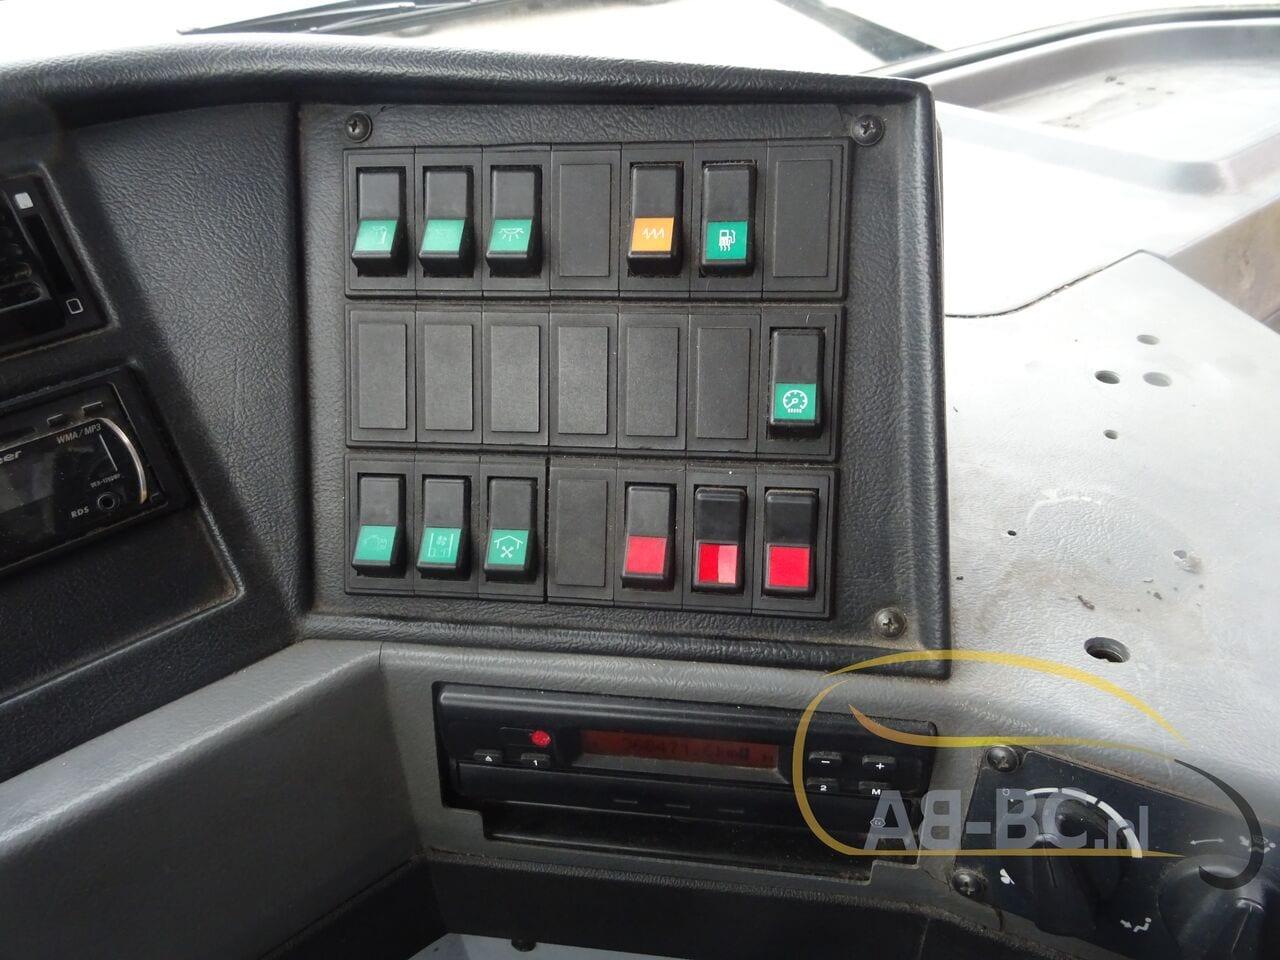 interurban-busIVECO-Irisbus-Recreo-64-Seats---1626160005791987830_big_d9528f6d8caf974749d7503777af4ff6--21071309575983154500